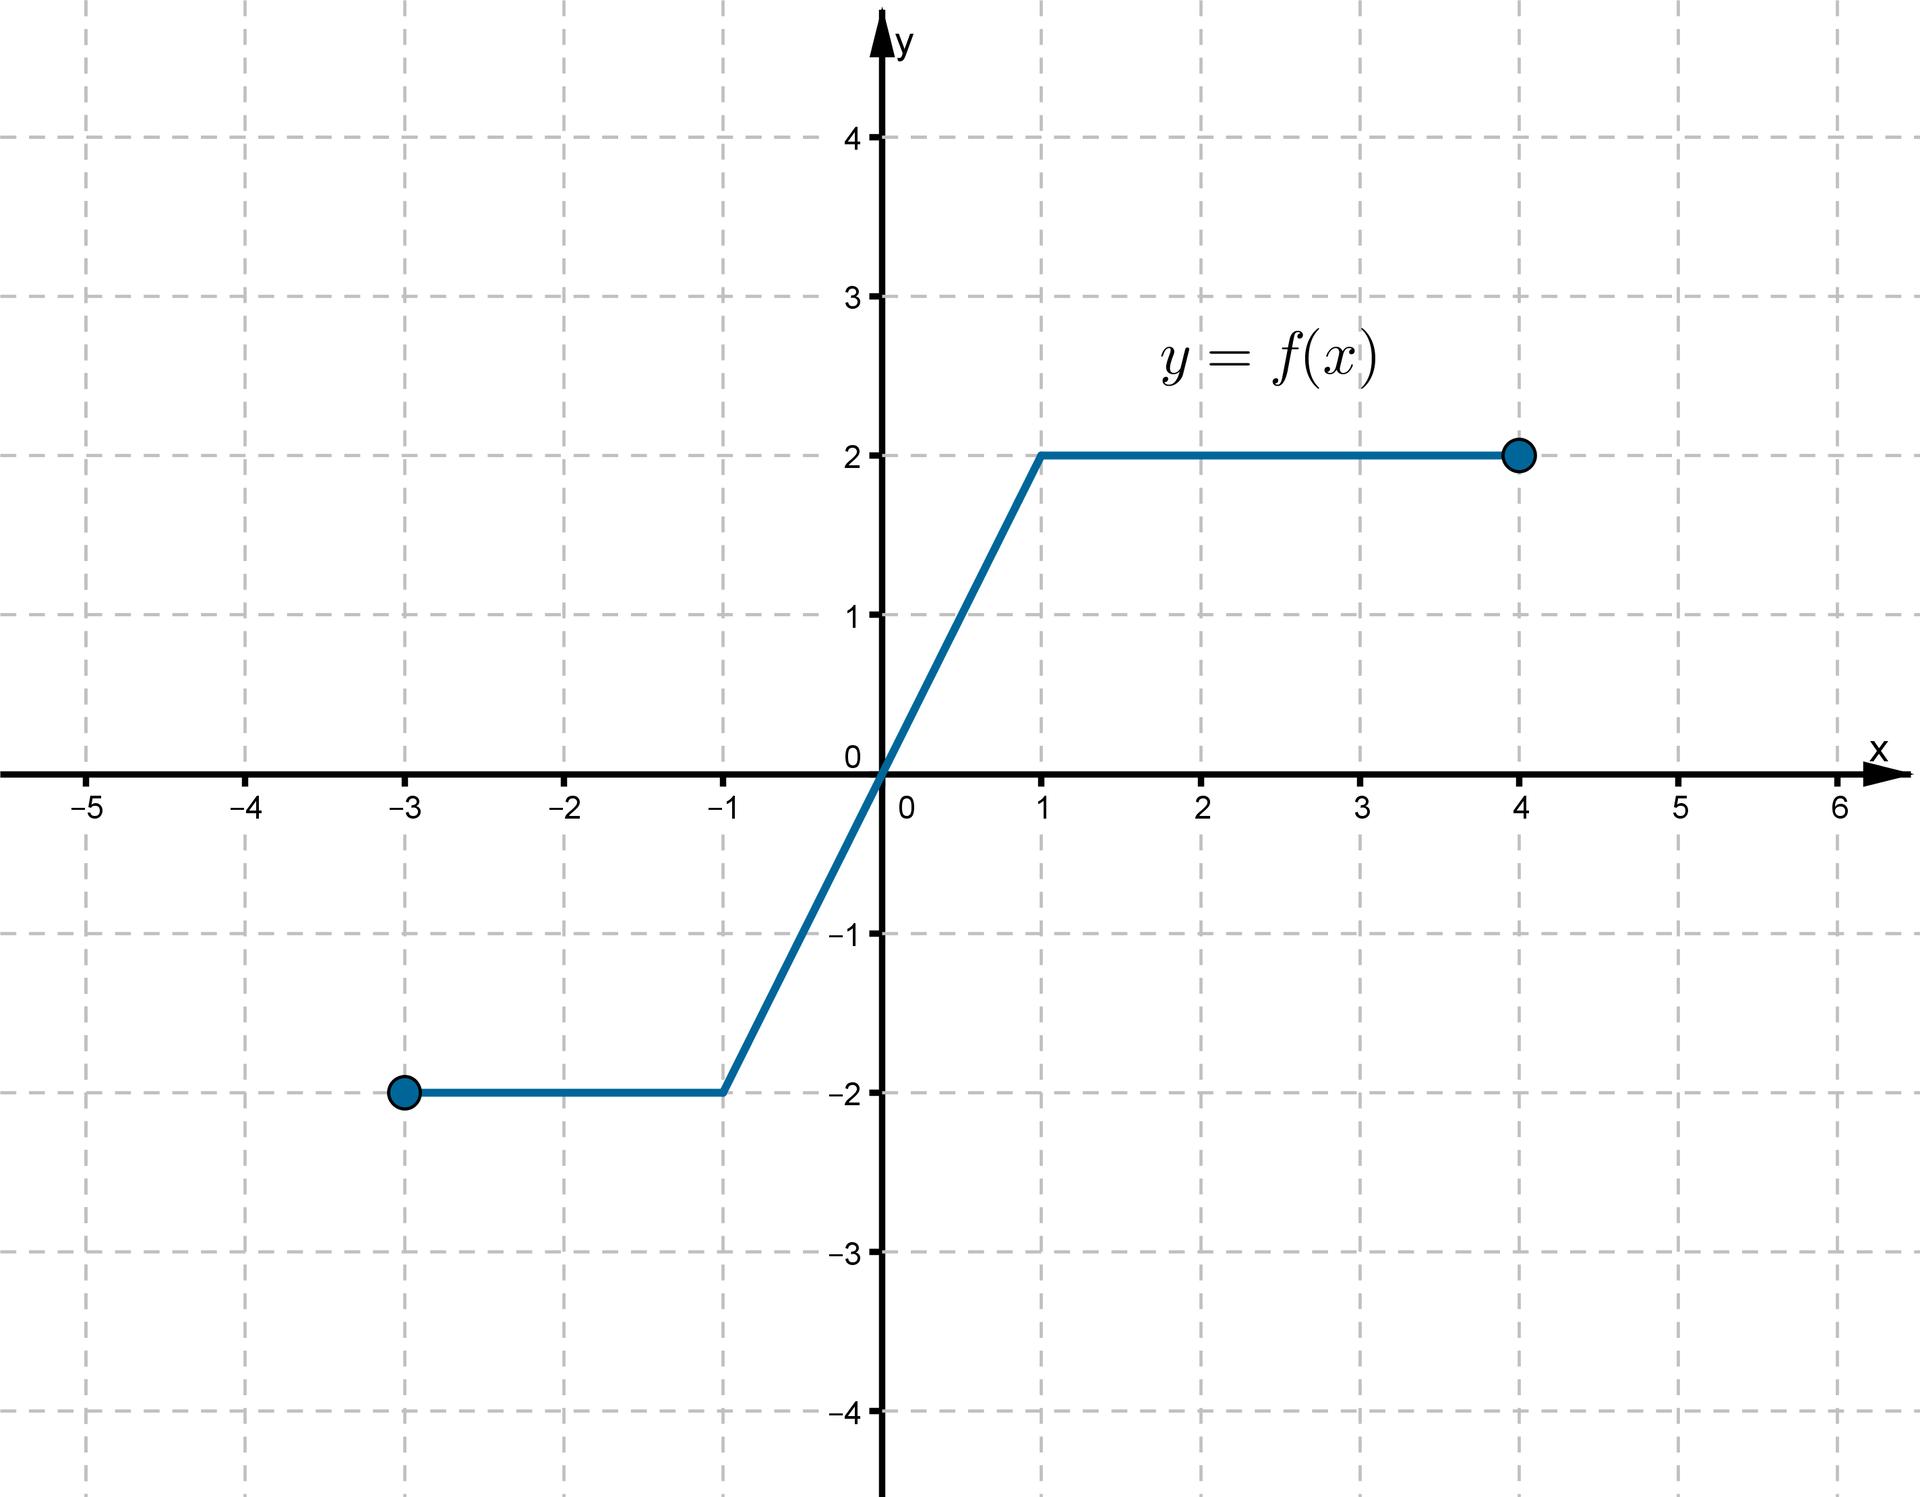 Wykres funkcji fwpostaci łamanej złożonej ztrzech odcinków leżącej wpierwszej itrzeciej ćwiartce. Do wykresu należą punkty owspółrzędnych (-3.-2), (-1, -2), (0, 0), (1, 2), (4, 2).